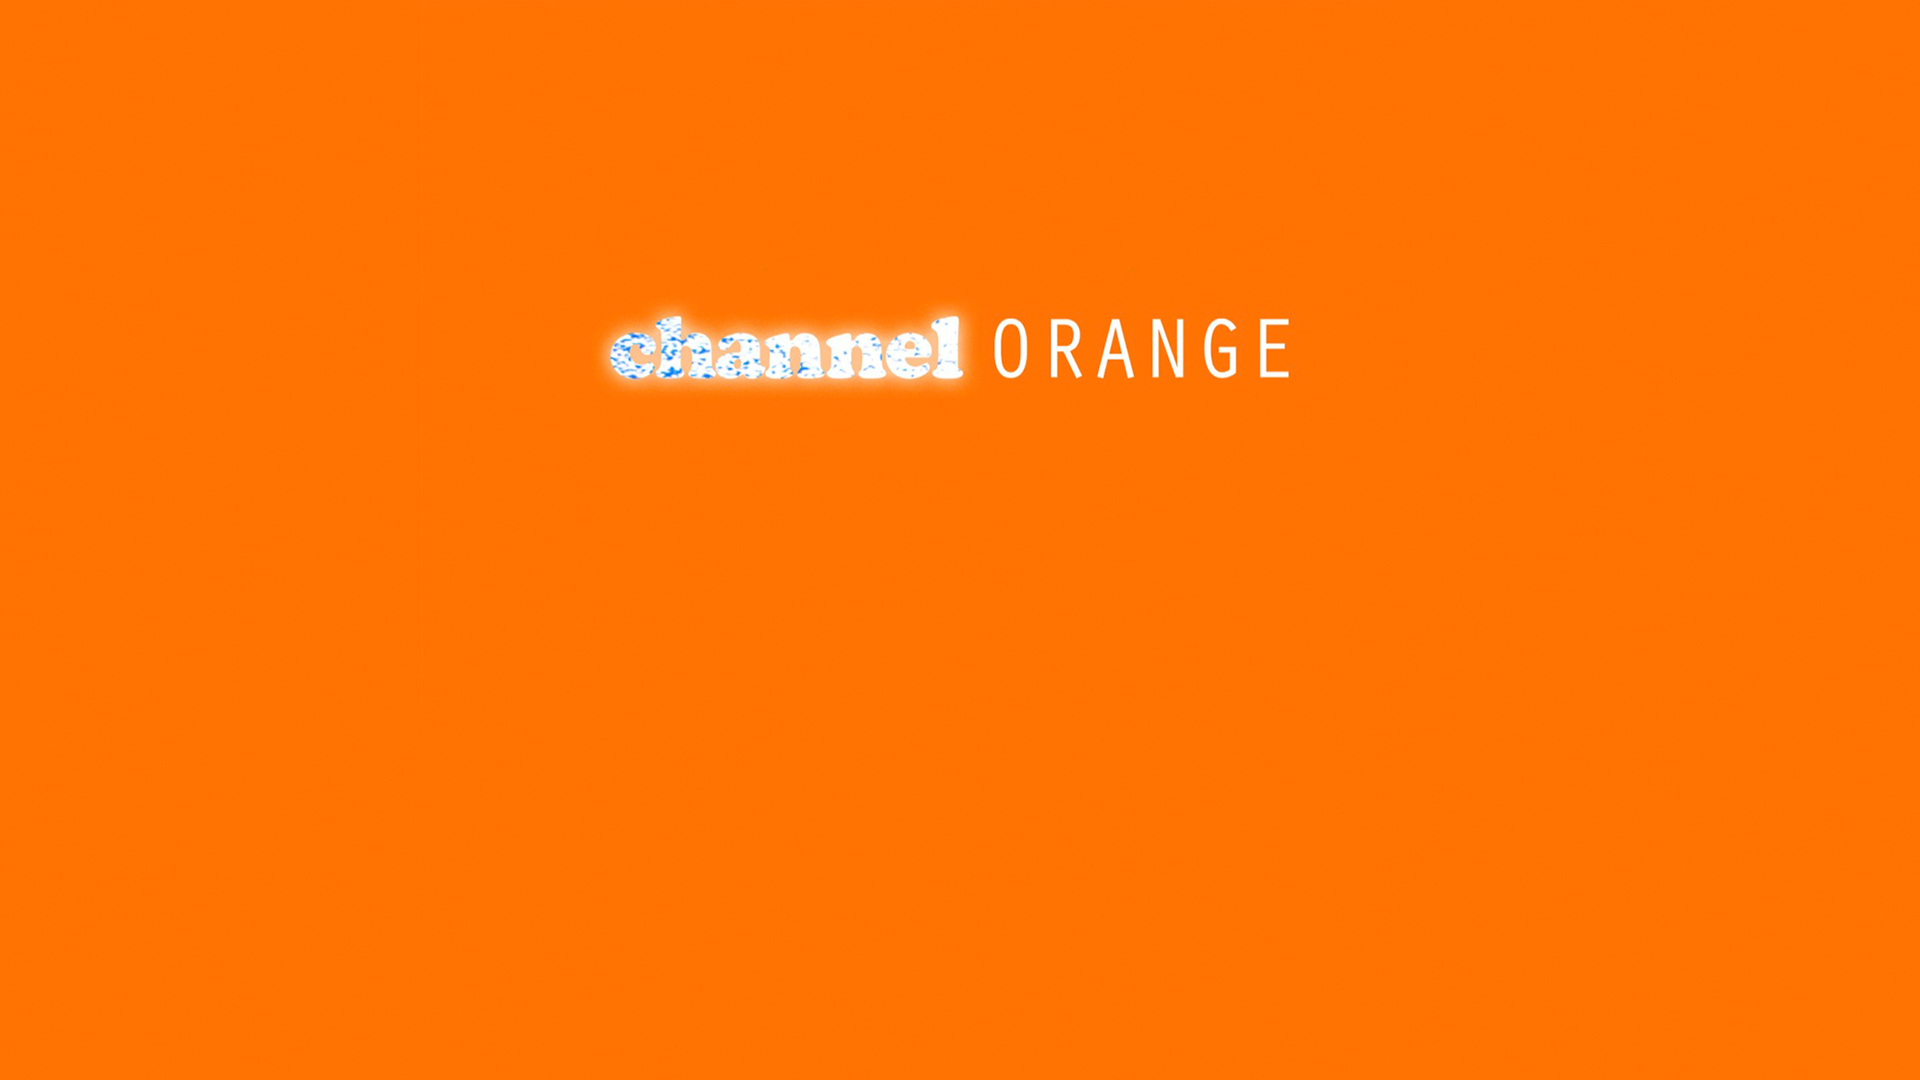 Frank ocean bisexual channel orange